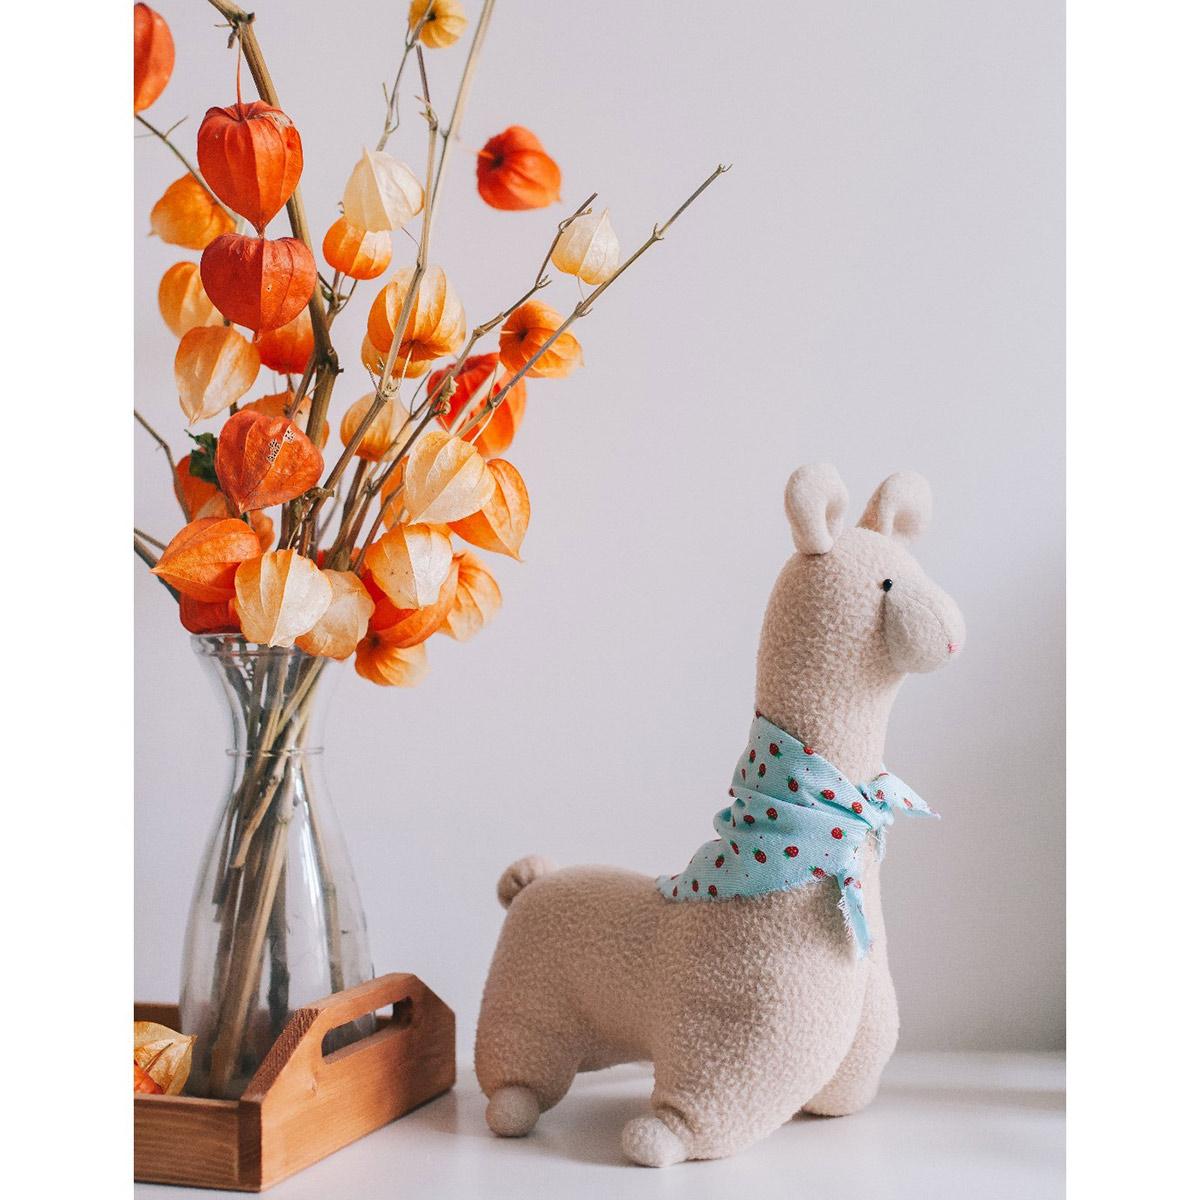 4519511 Мягкая игрушка 'Лама Пряня', набор для шитья 15,6*22,4*5,2 см